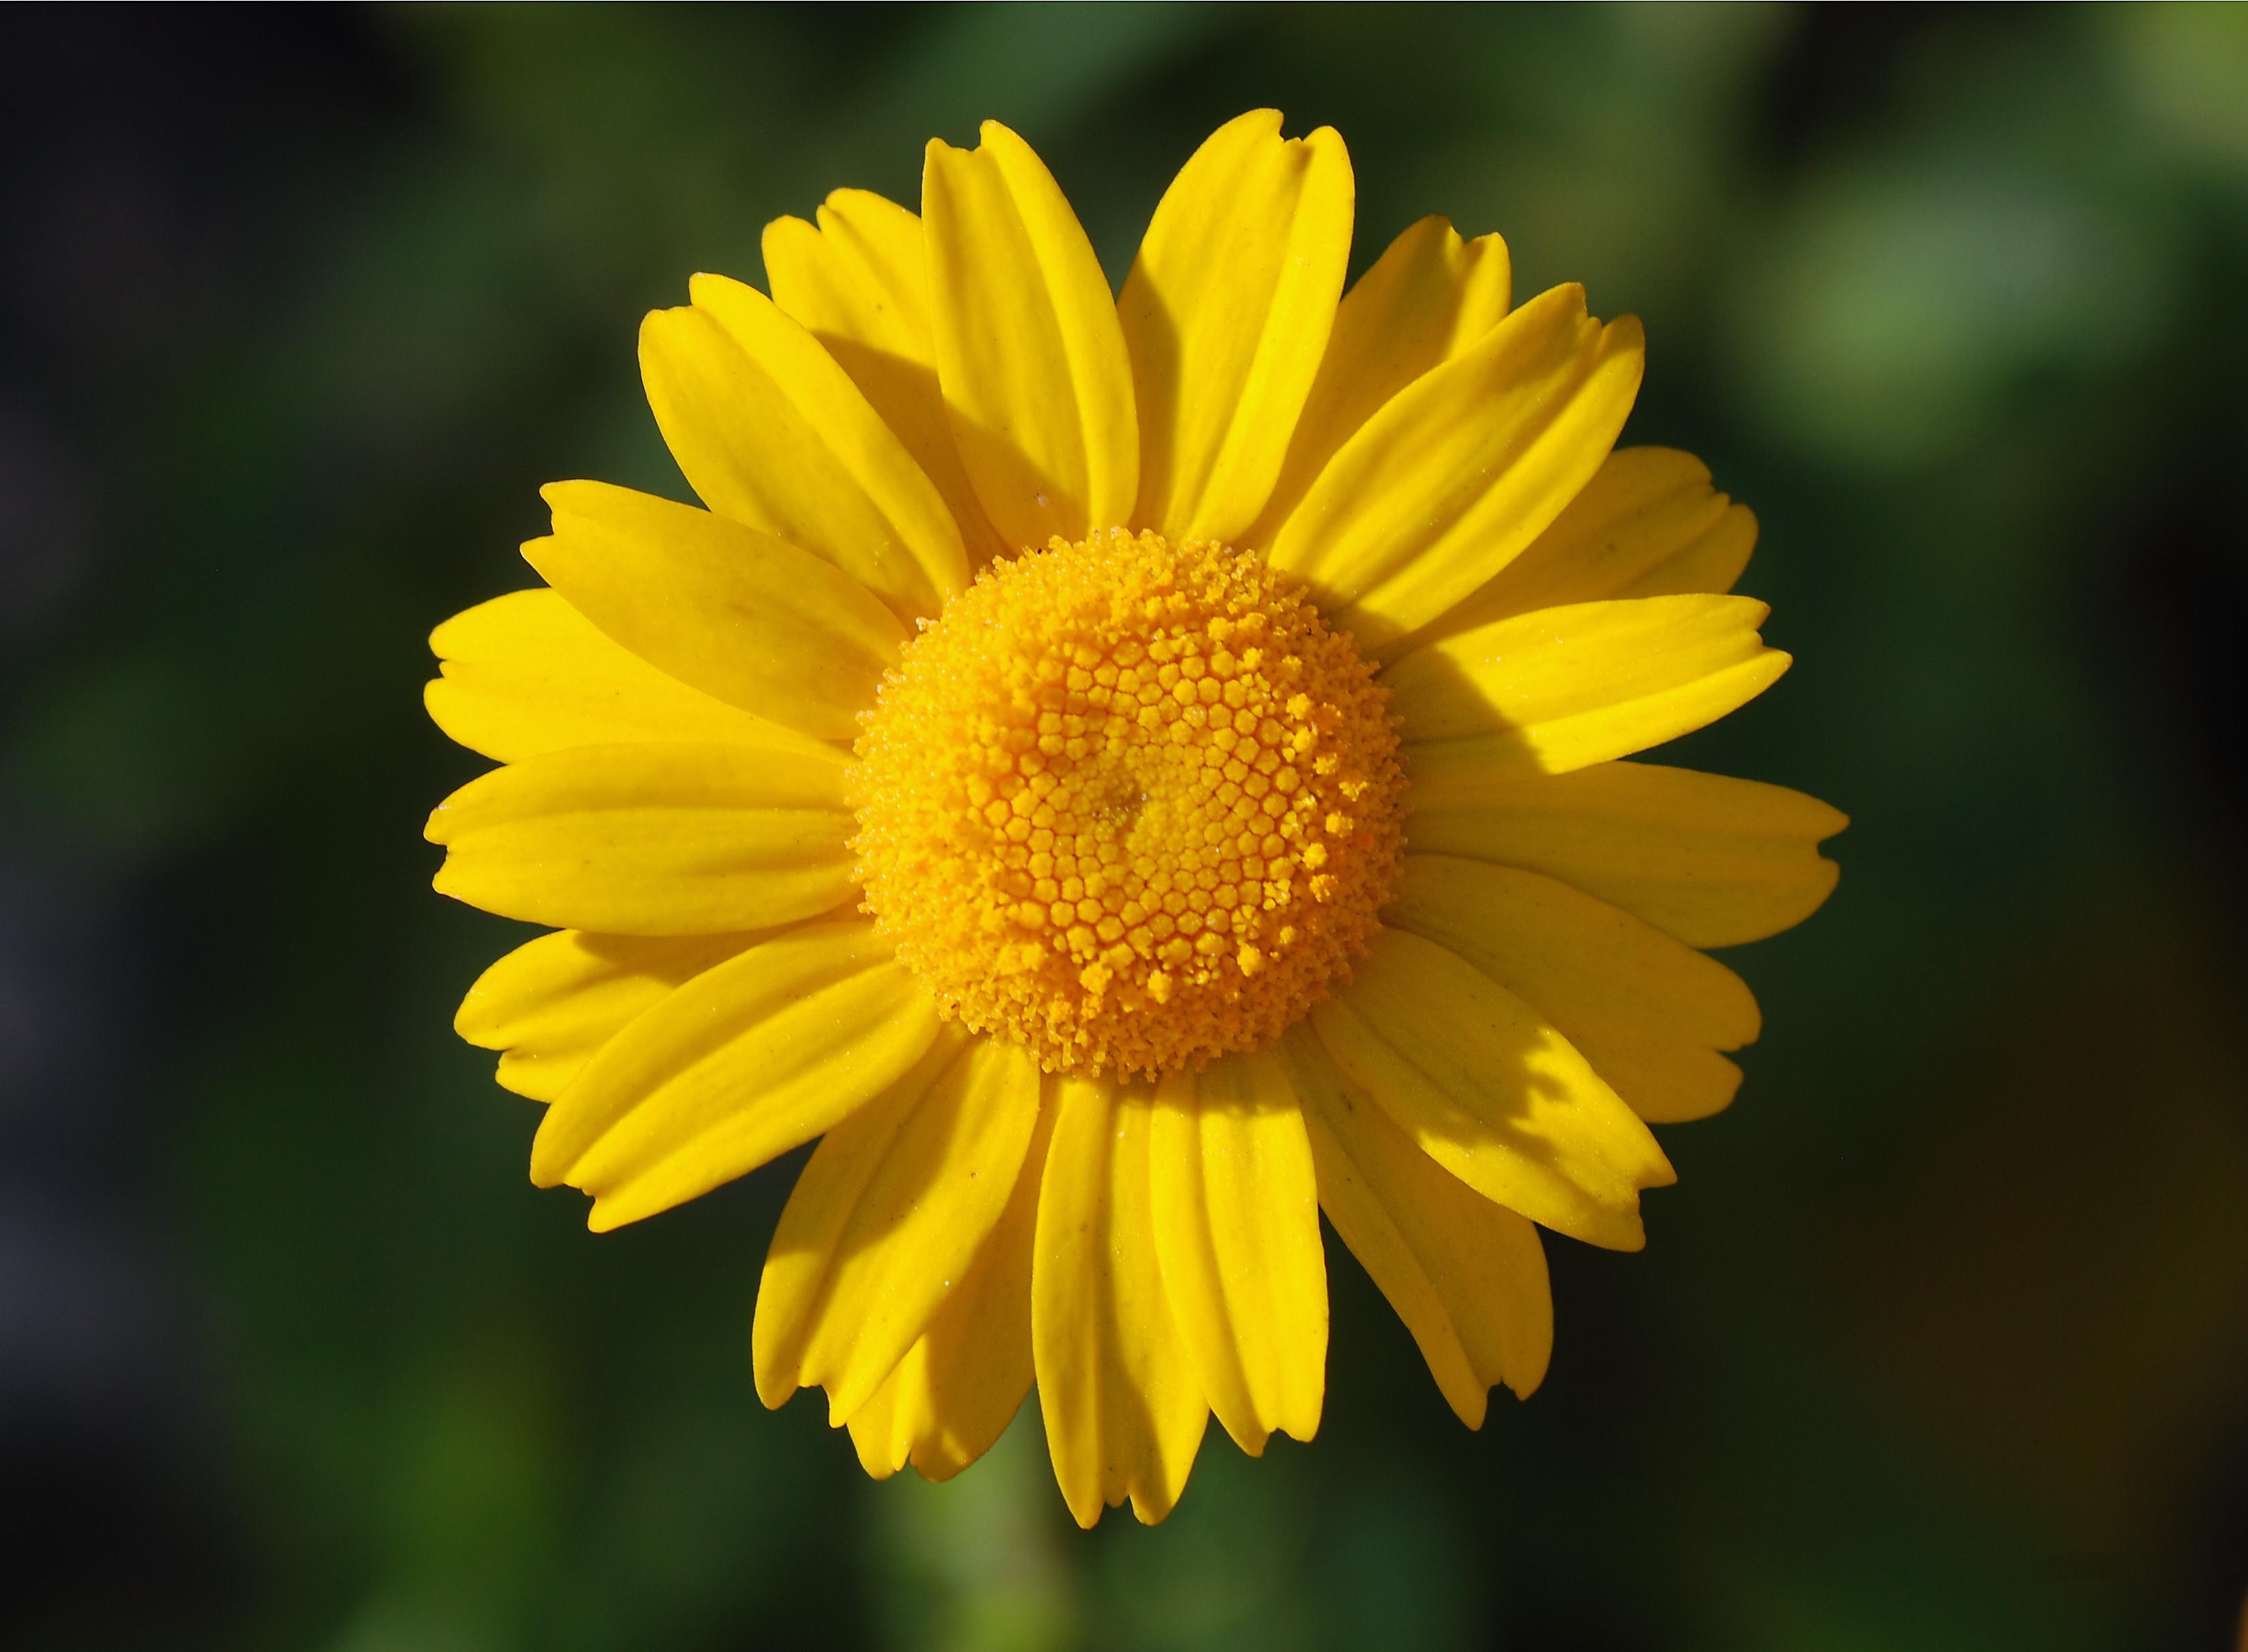 A yellow flower of Coleostephus myconis